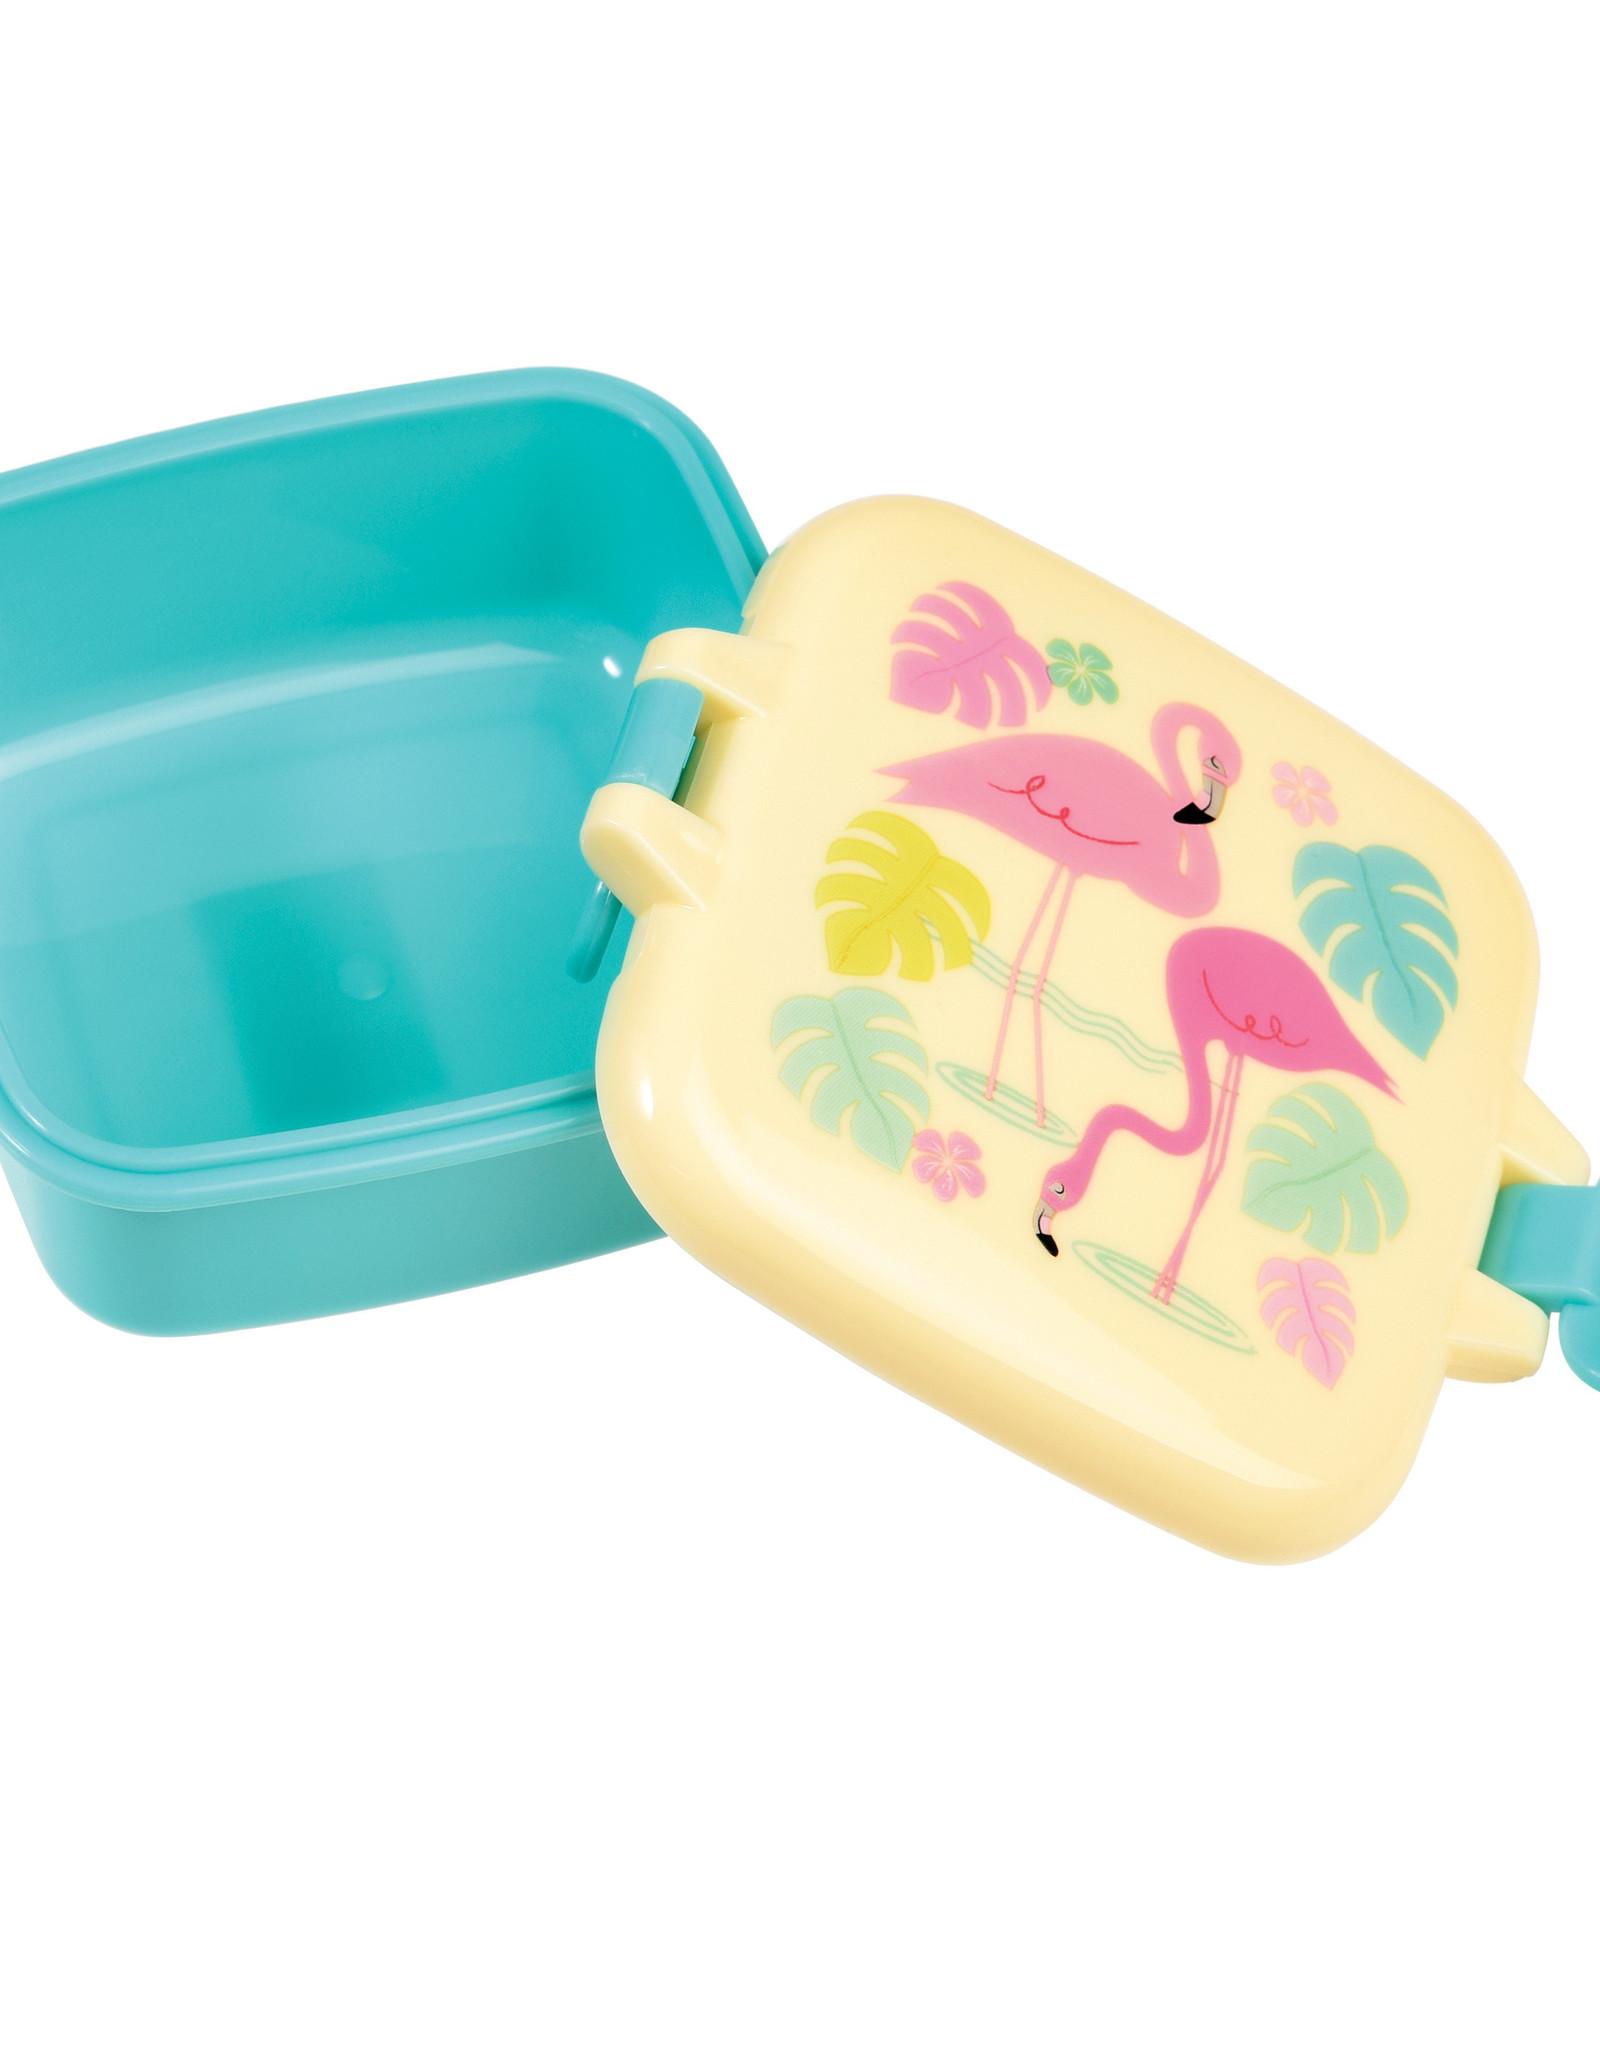 Rex London Mini snackdoosje - Flamingo bay